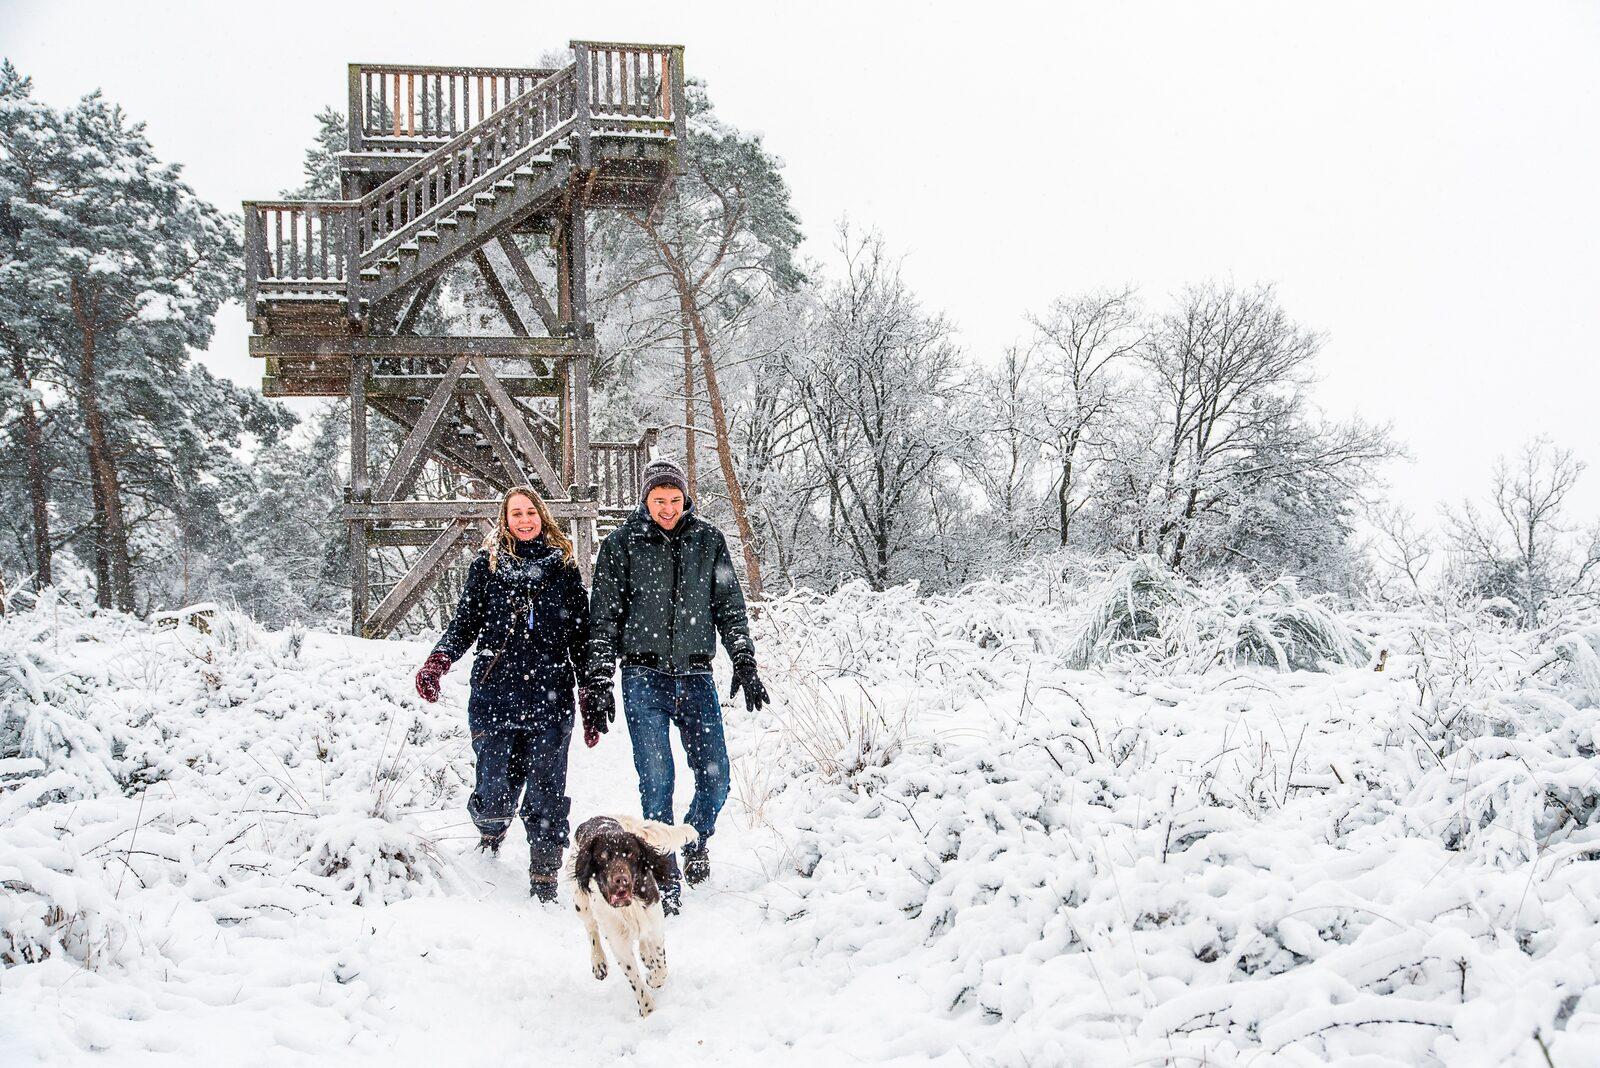 Kerstvakantie vieren met familie in Limburg